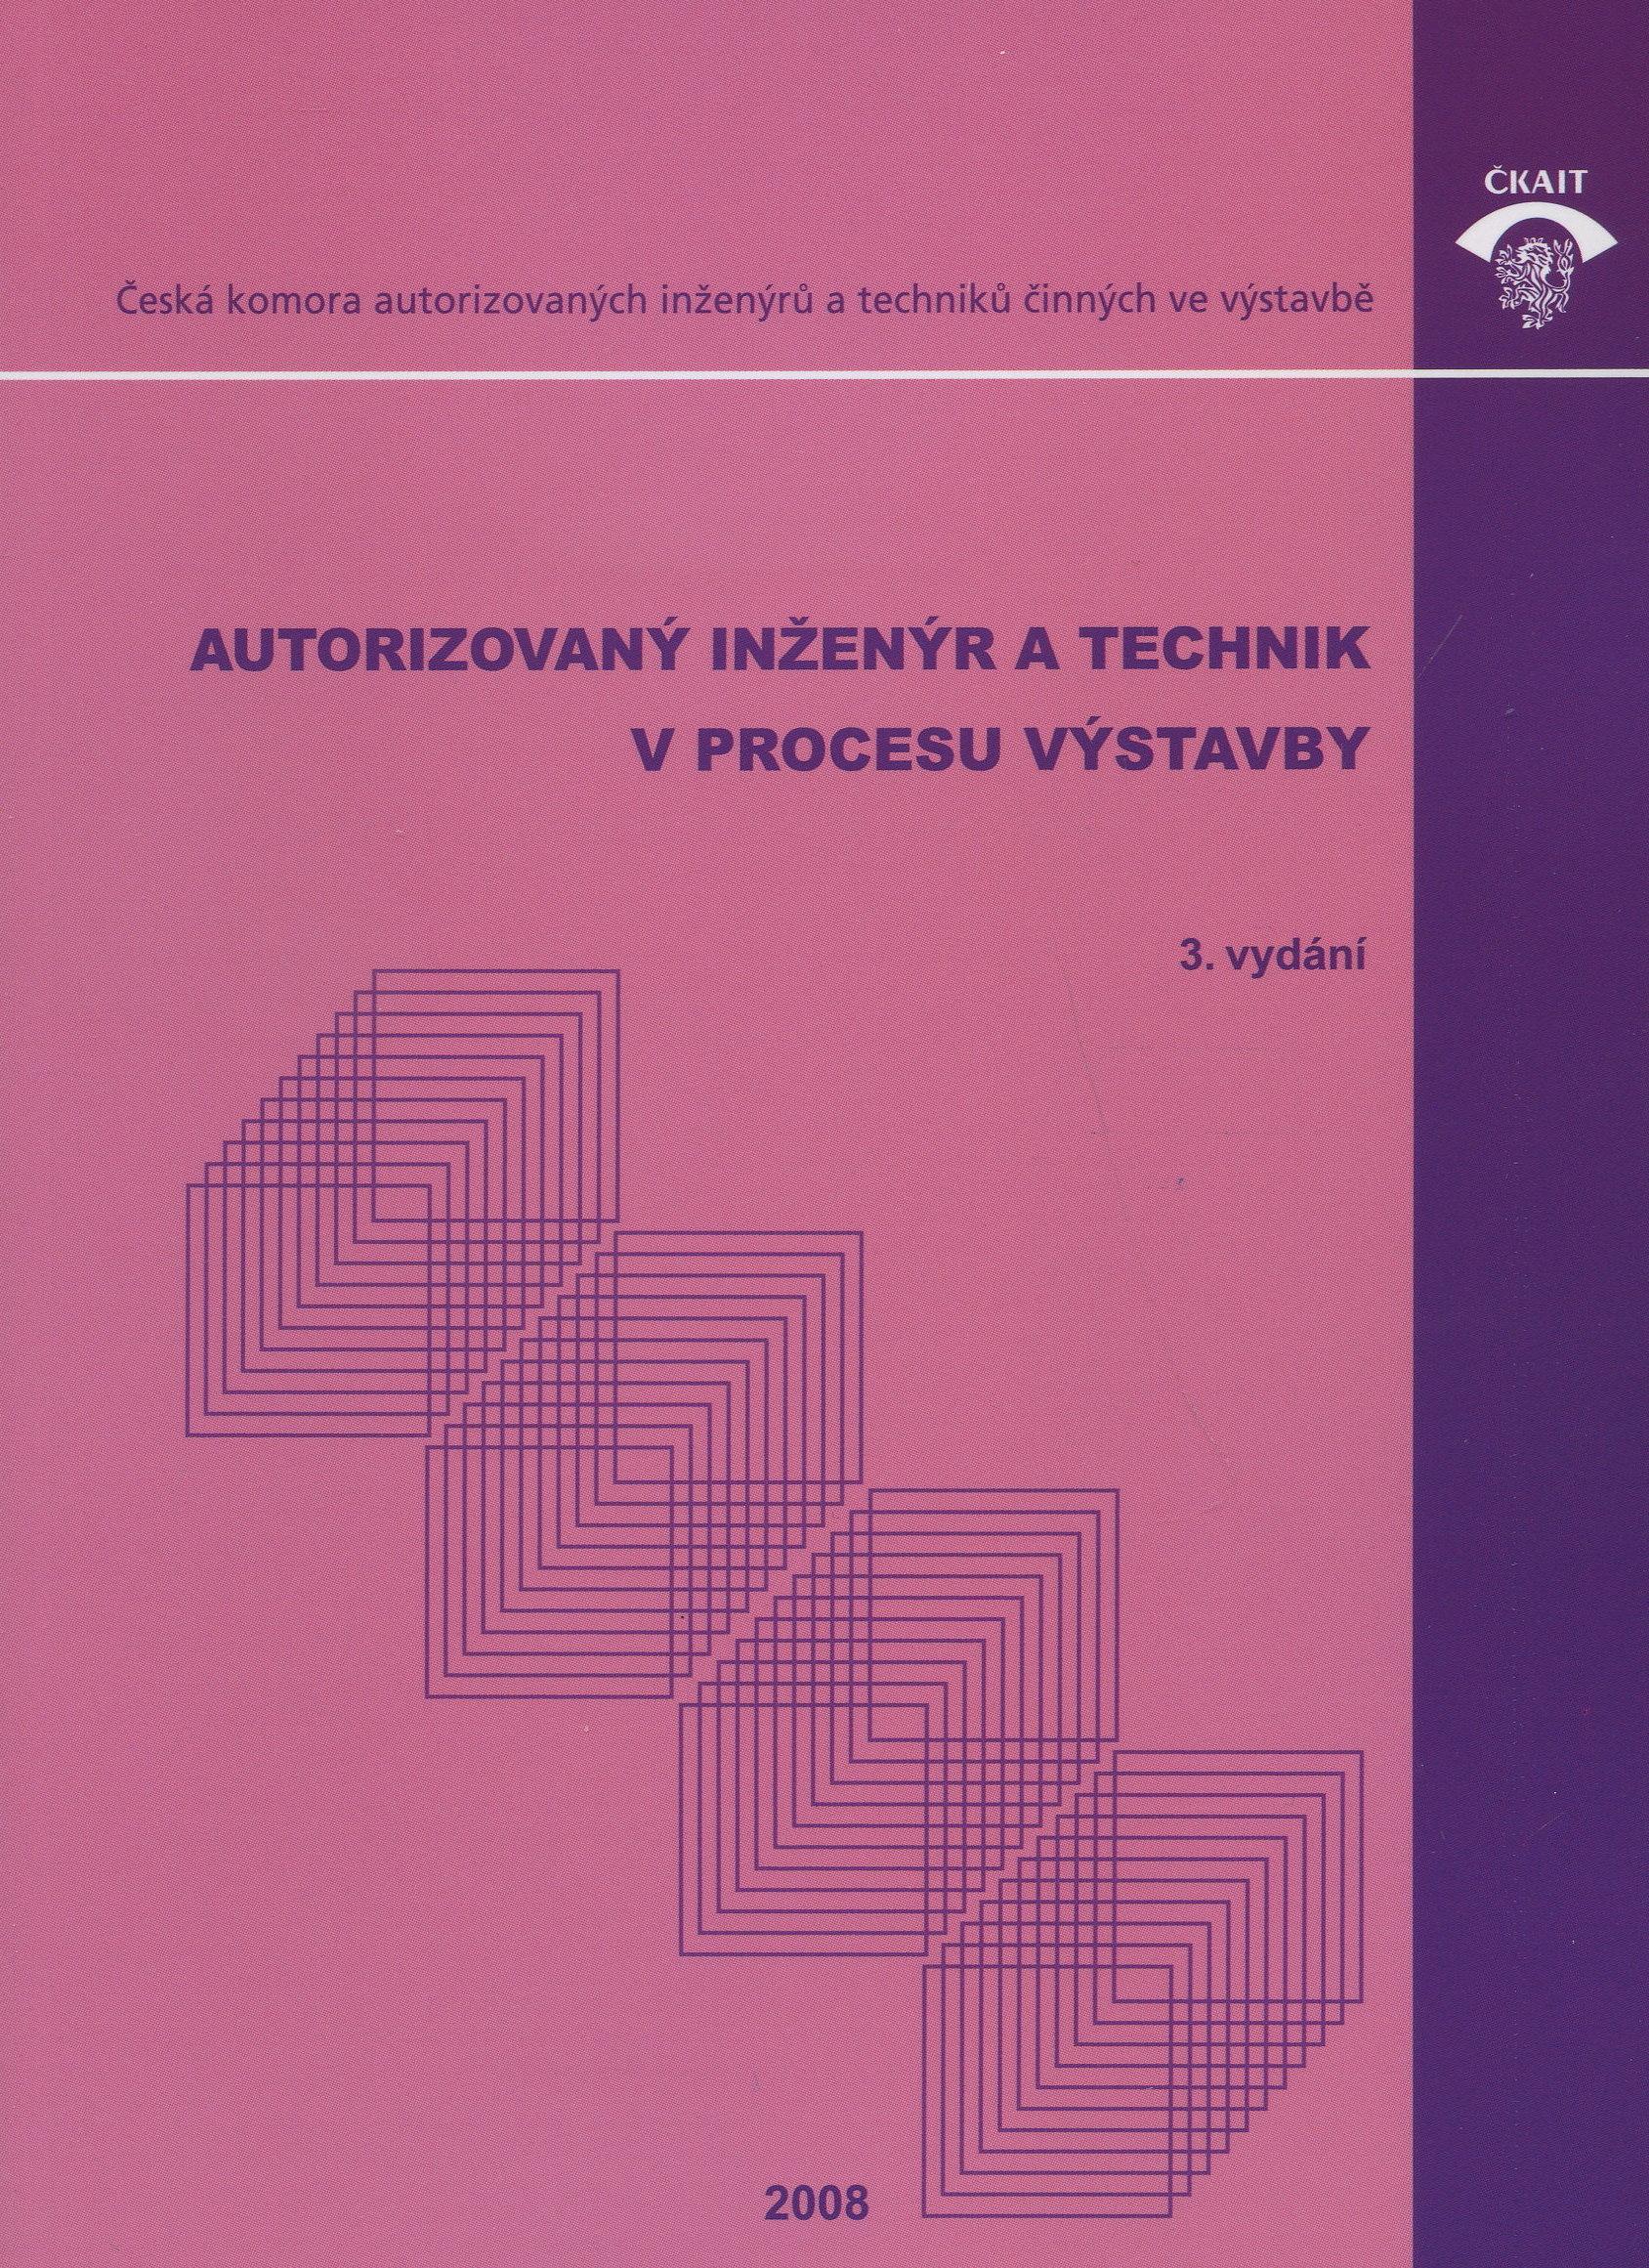 Autorizovaný inženýr a technik v procesu výstavby - 3. vydaní